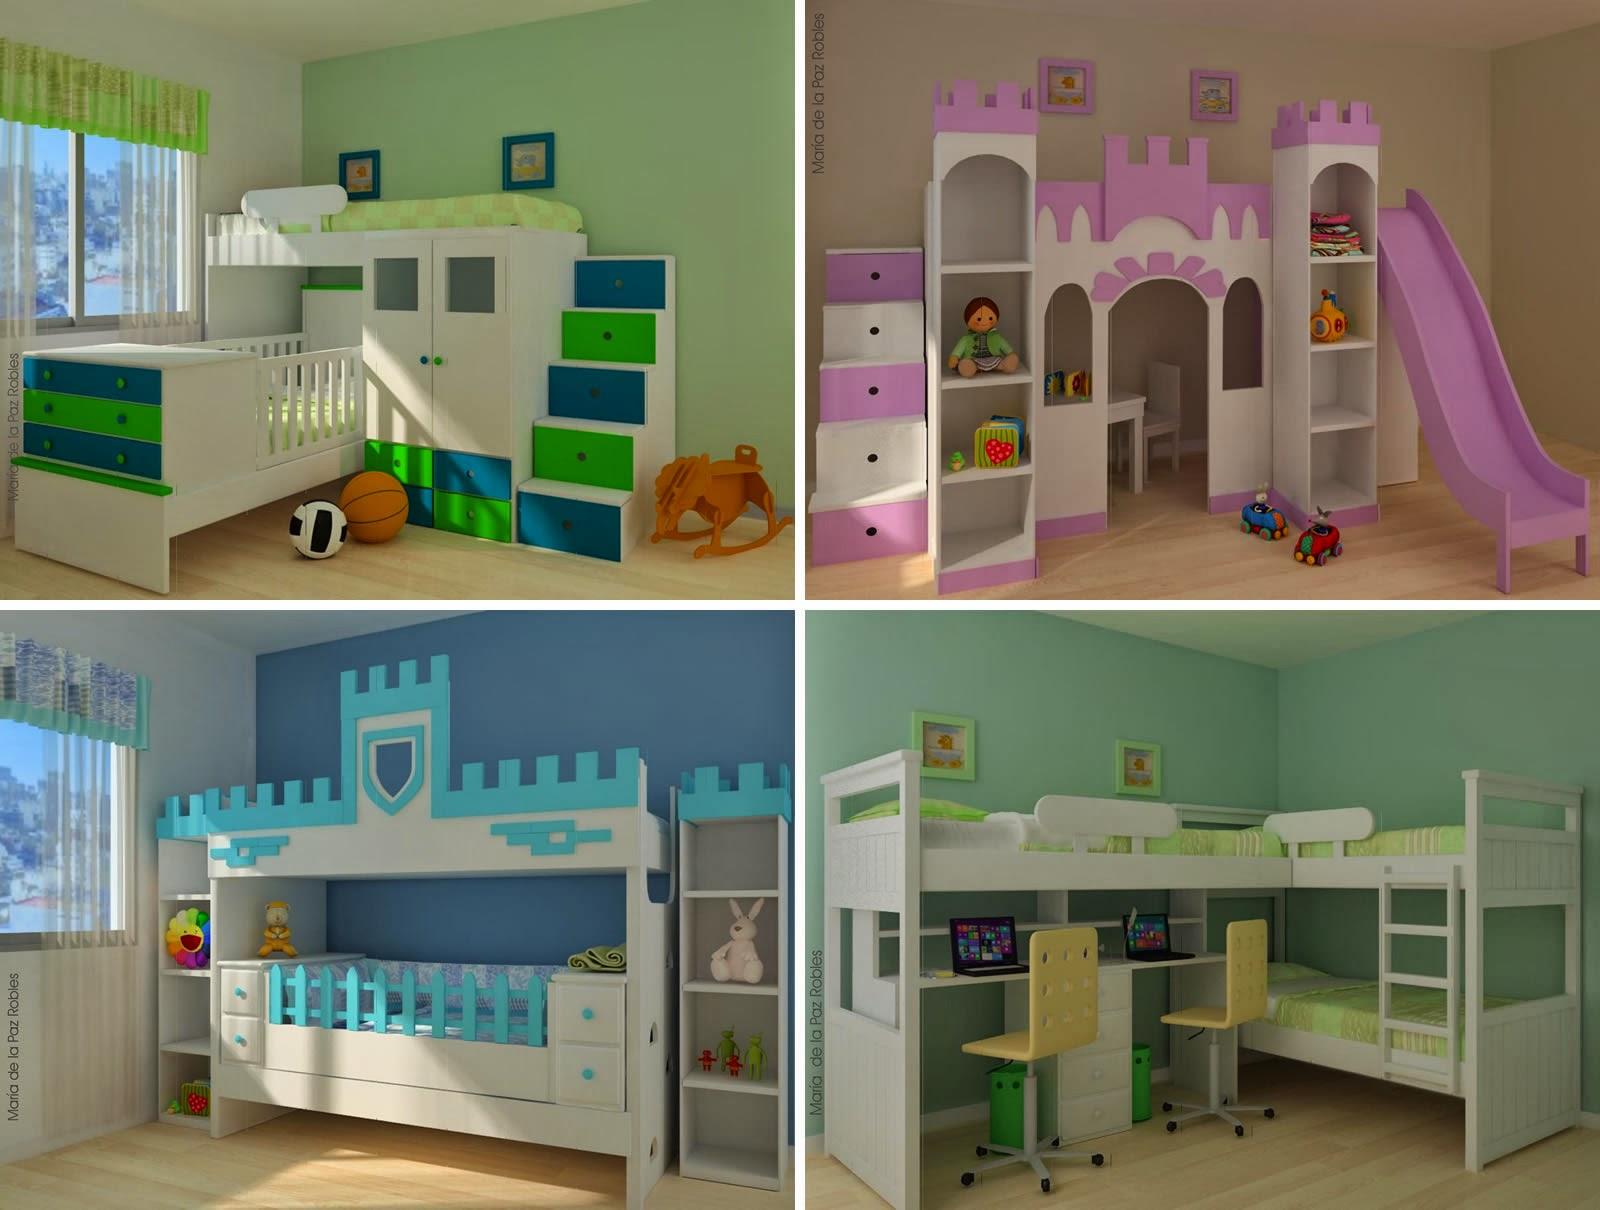 Verde lim n amoblamientos infantiles m s chicos - Muebles para juguetes infantiles ...